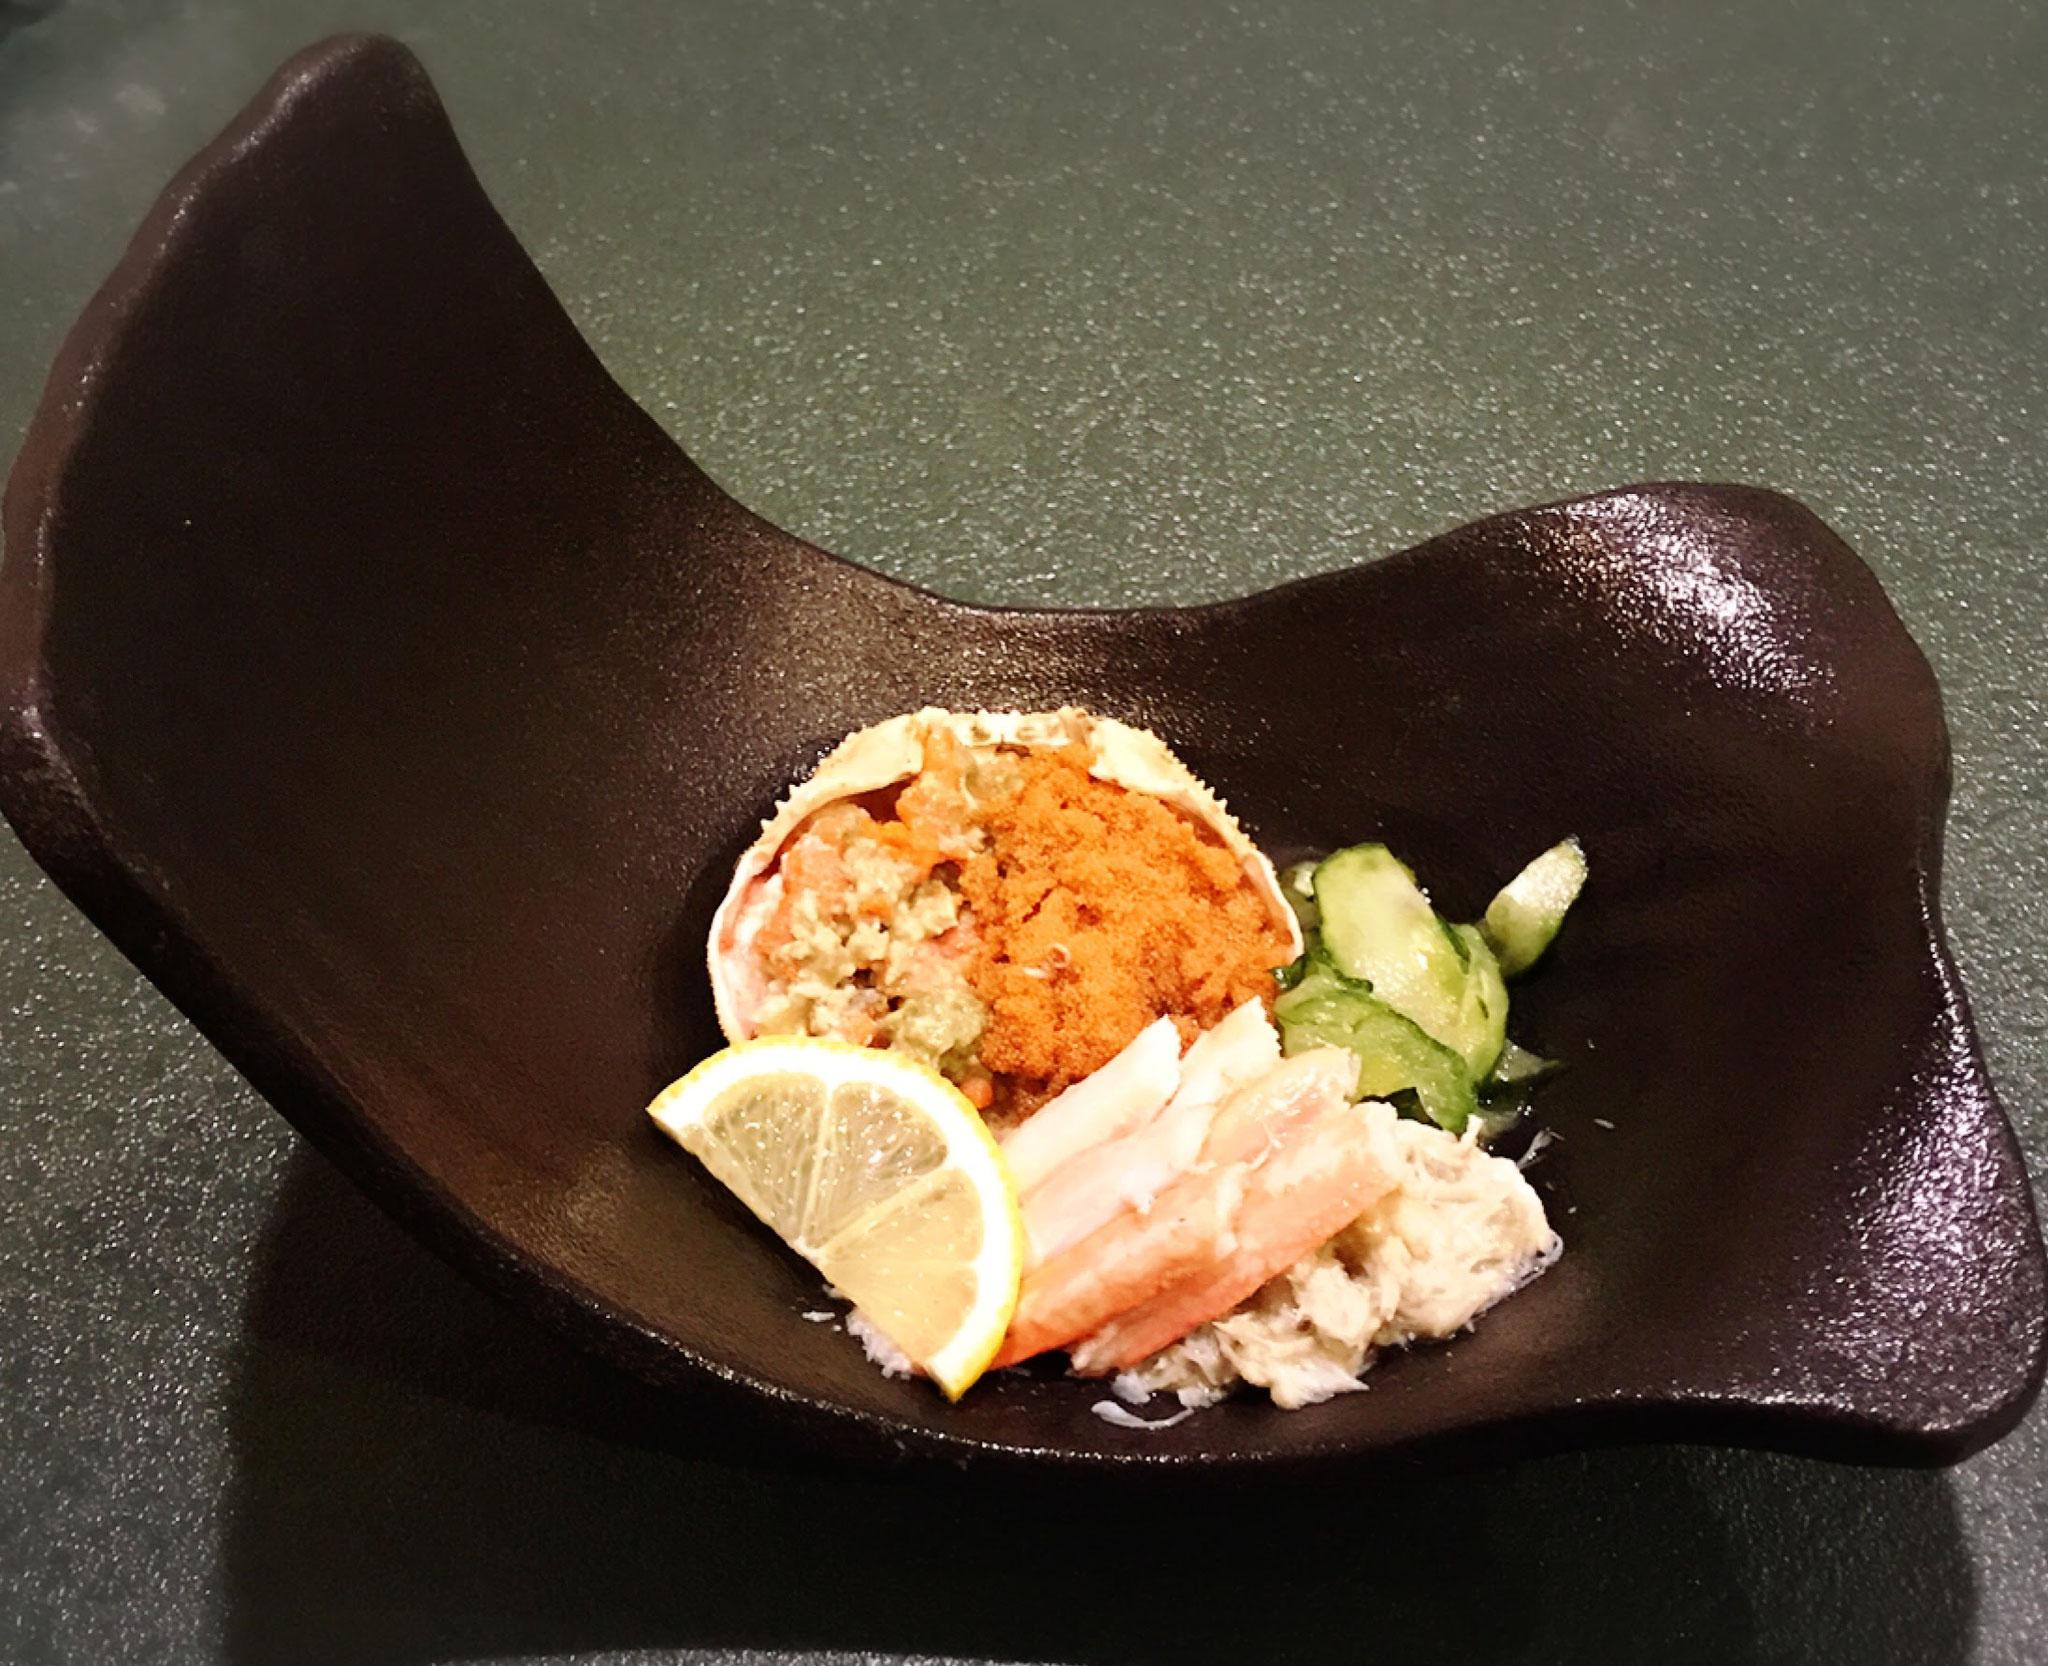 幻の蟹せいこ…解禁より1ヶ月半しか味わえないカニ味噌が絶品のメスのずわい蟹。当店では解体&身出し済でお箸で簡単に味わえますよ♪